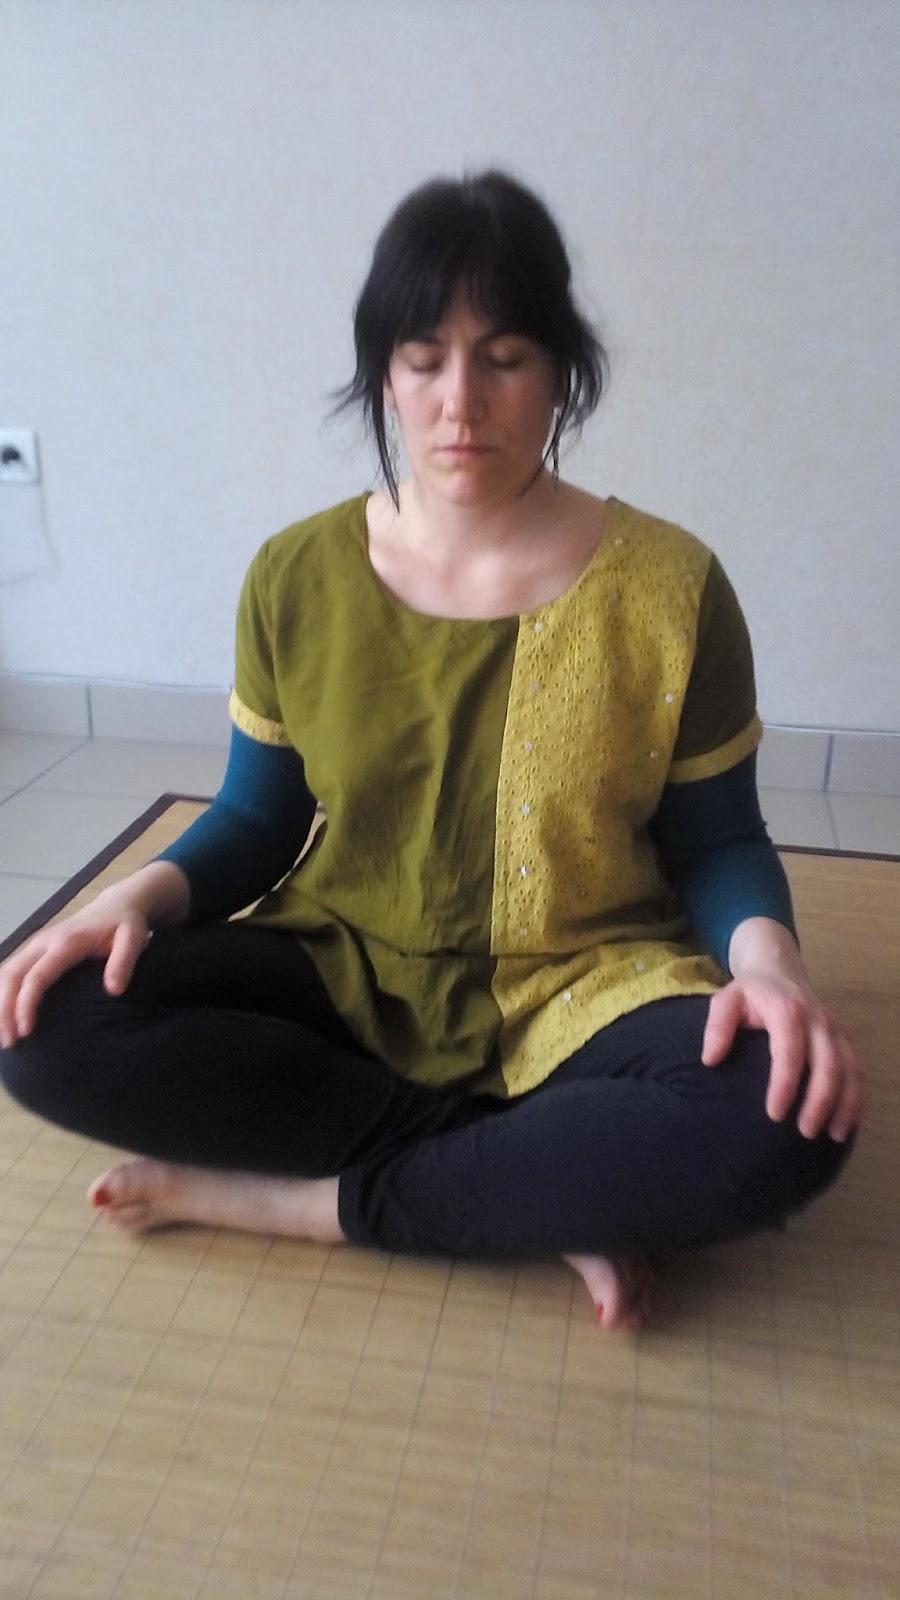 Postura  Siéntate en el suelo dobla las rodillas y cruza las piernas.  Mantén espalda y columna rectas. Hombros relajados. Con la práctica se  llega a estar ... f577d783b737